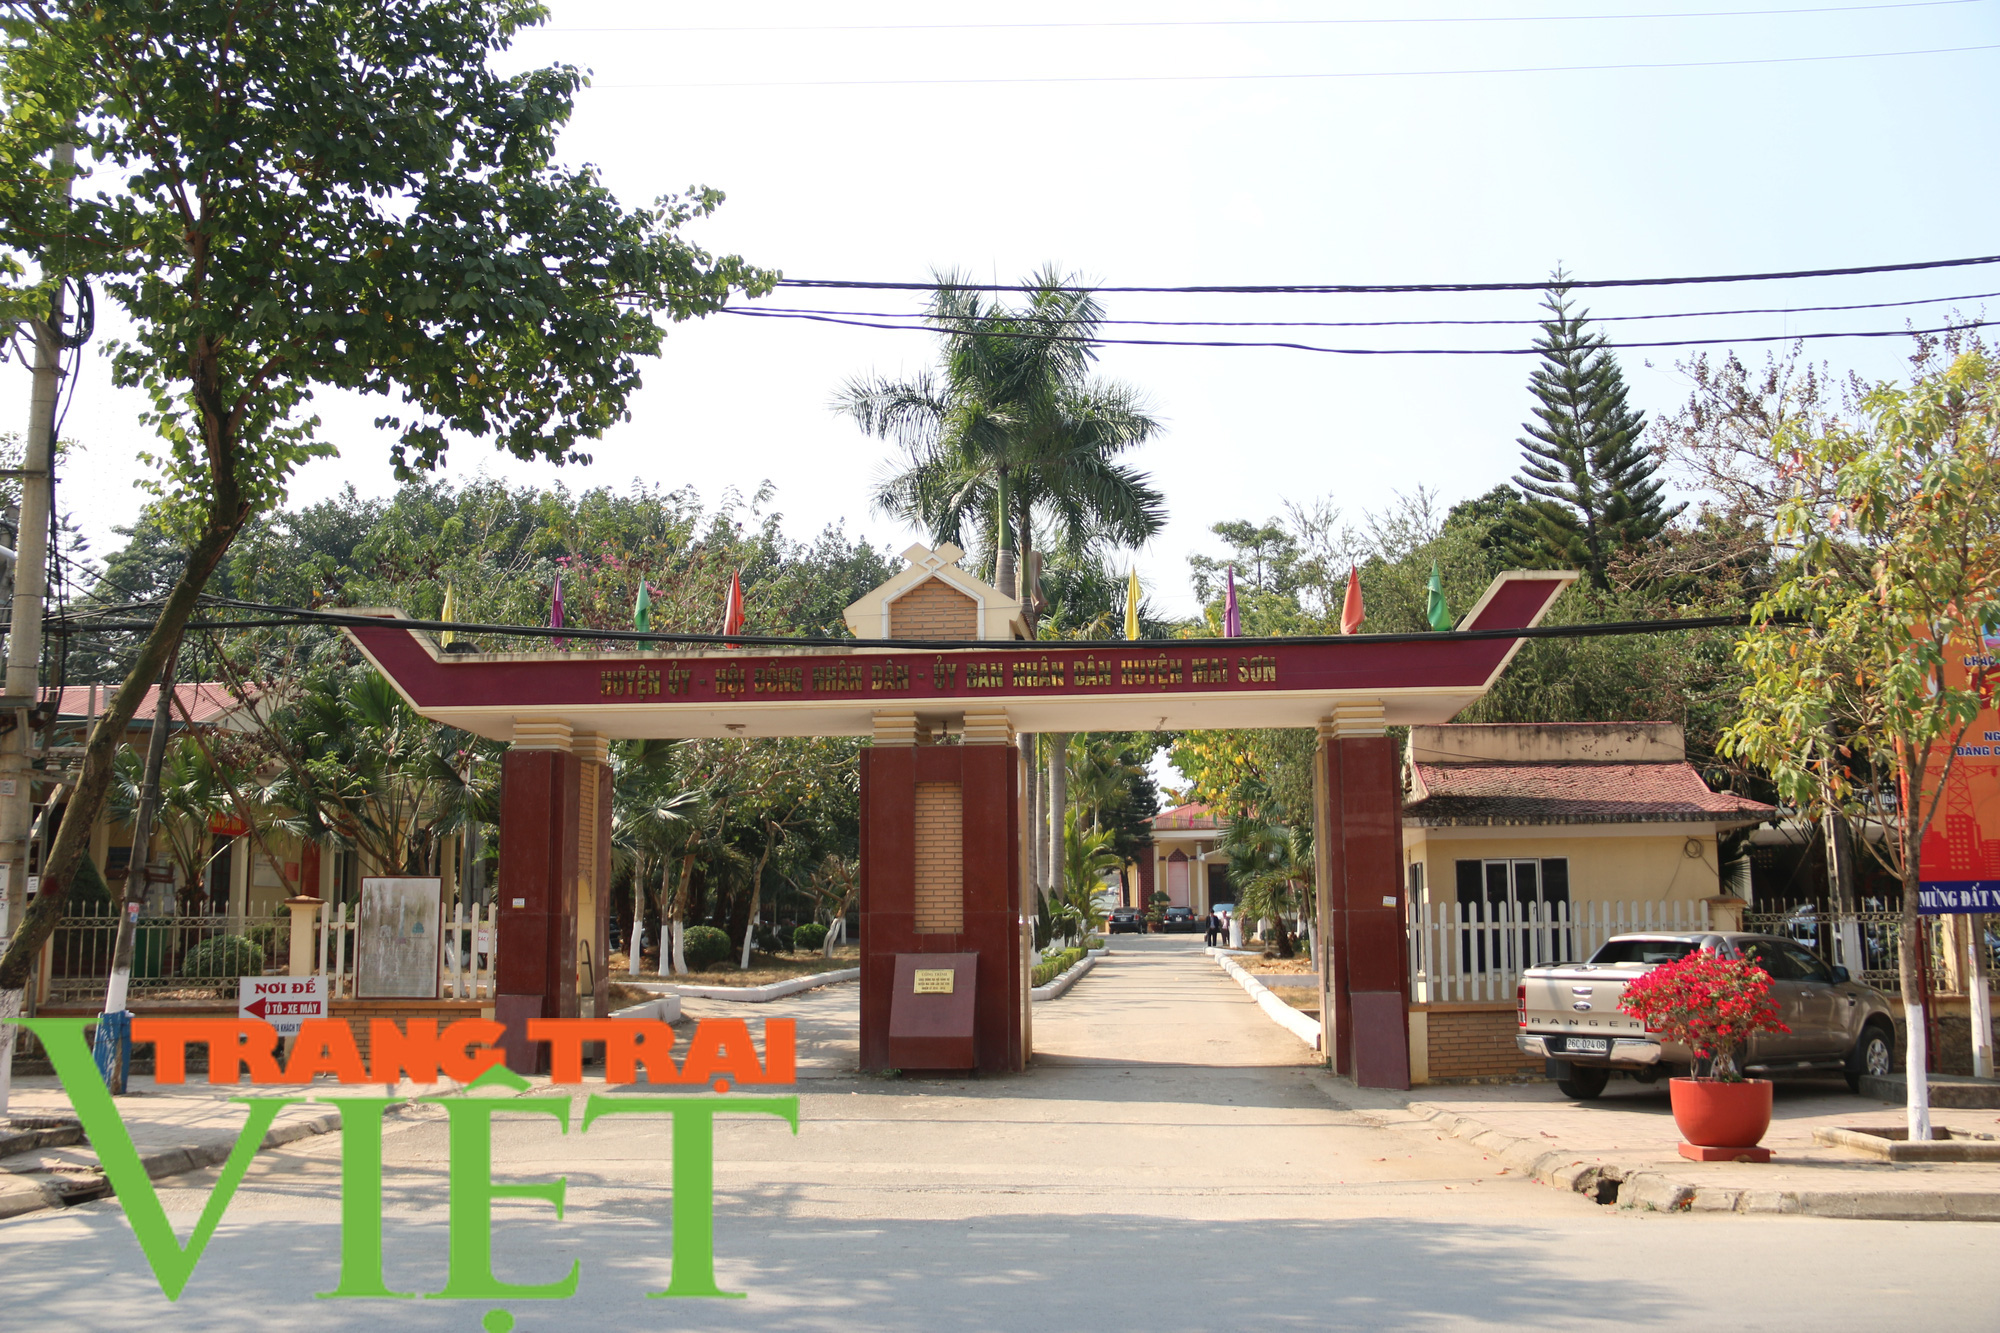 Ảnh: Mai Sơn đổi thay nhờ chương trình nông thôn mới - Ảnh 1.